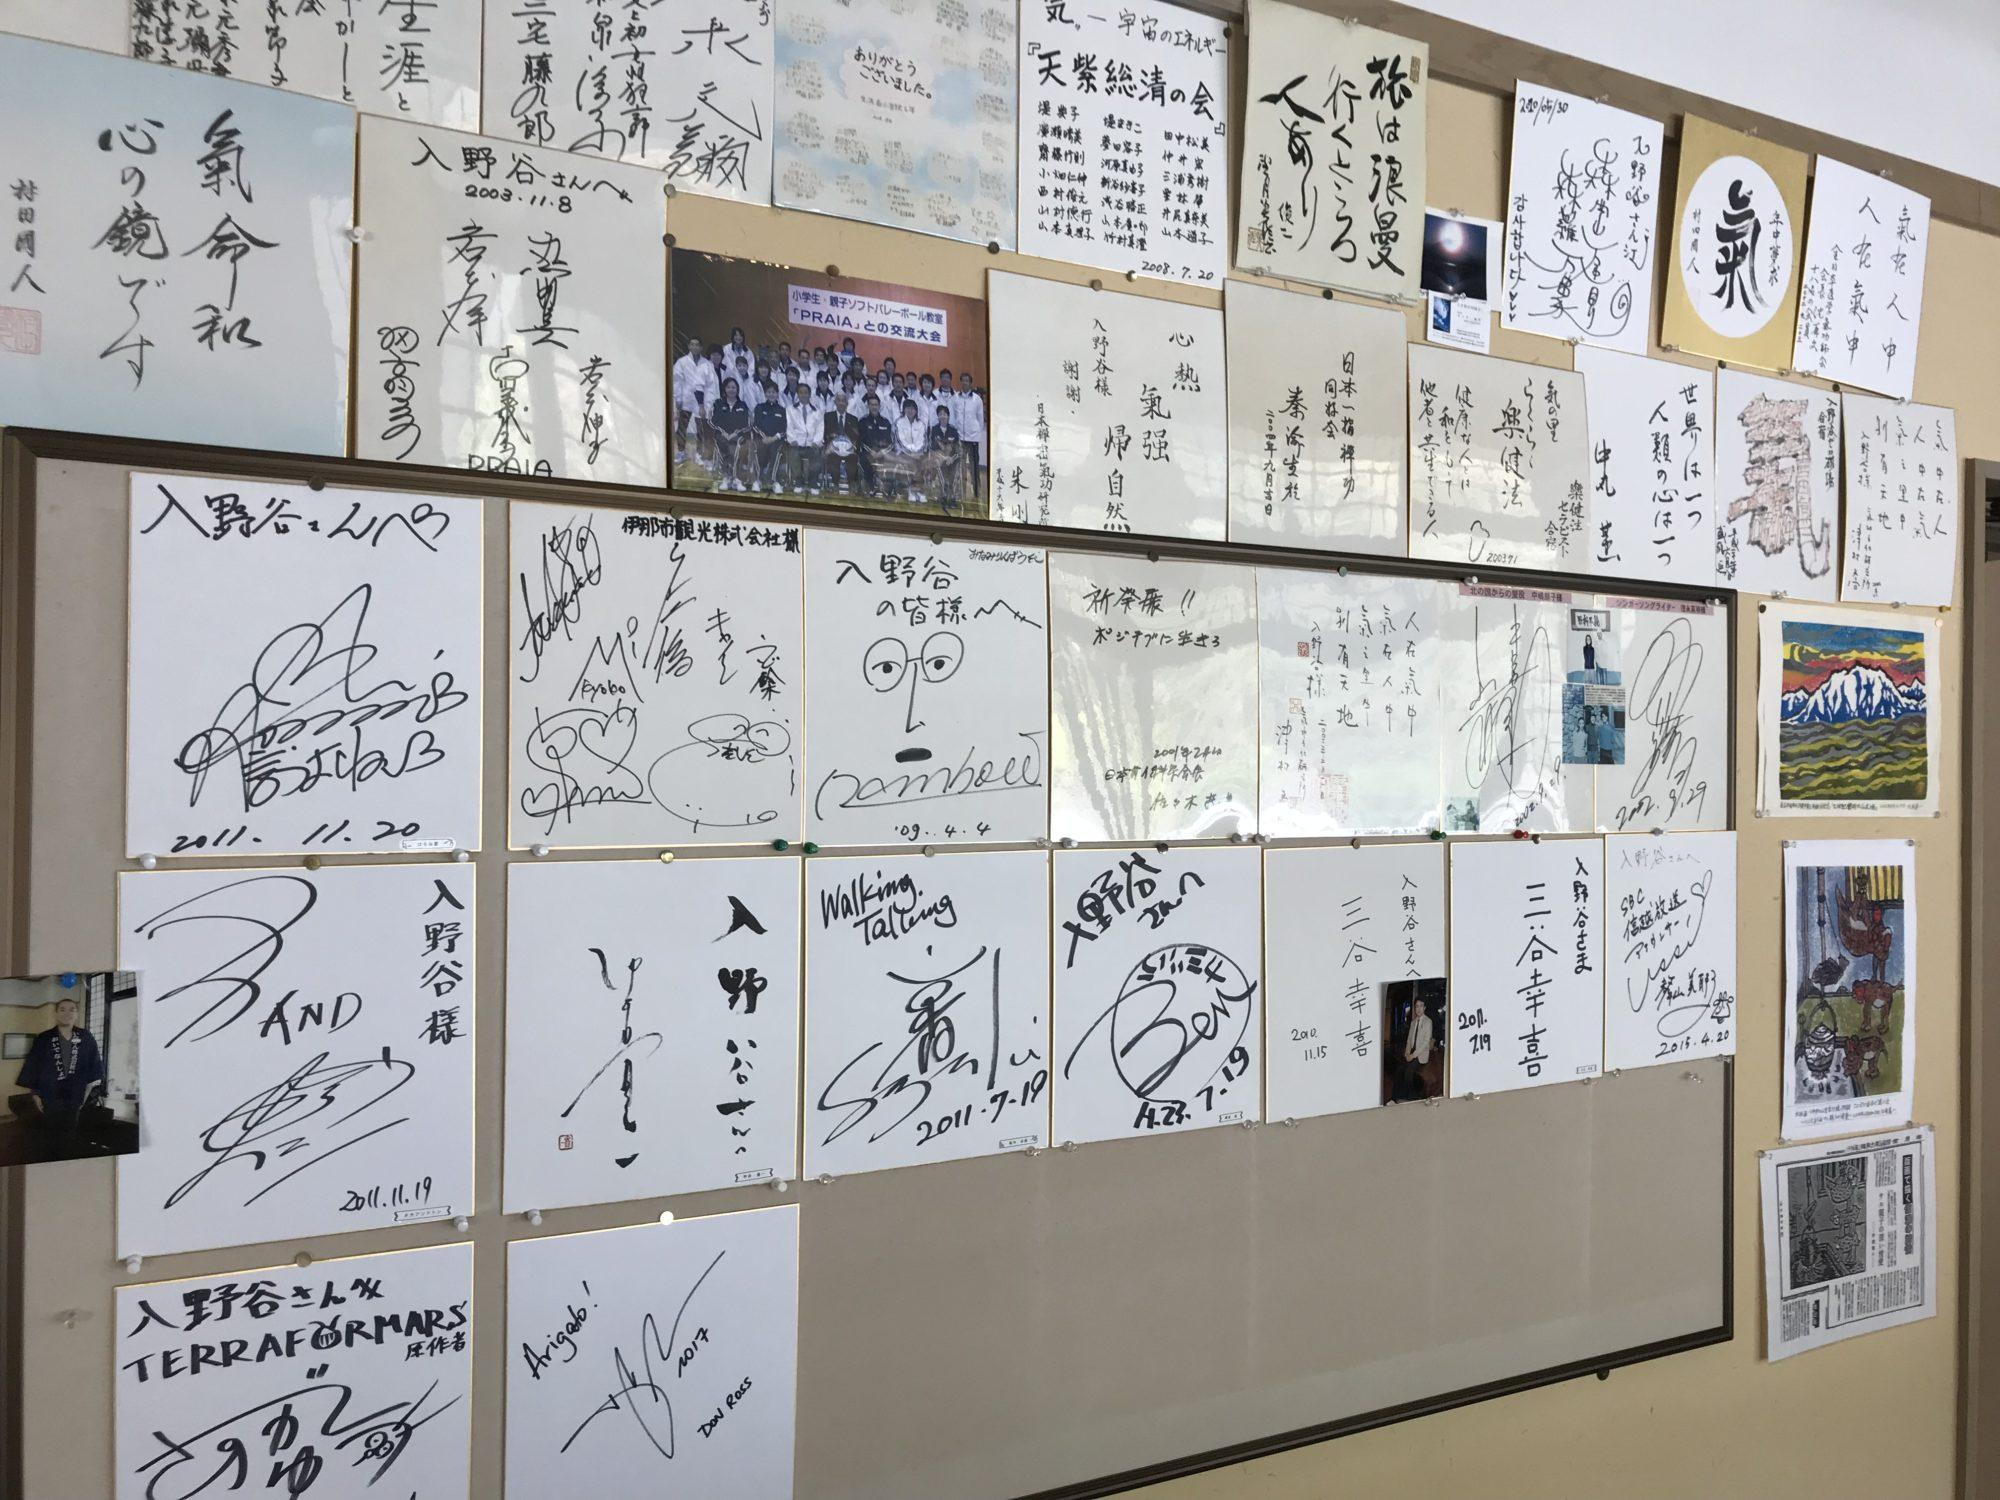 ロビー横に展示されたサイン